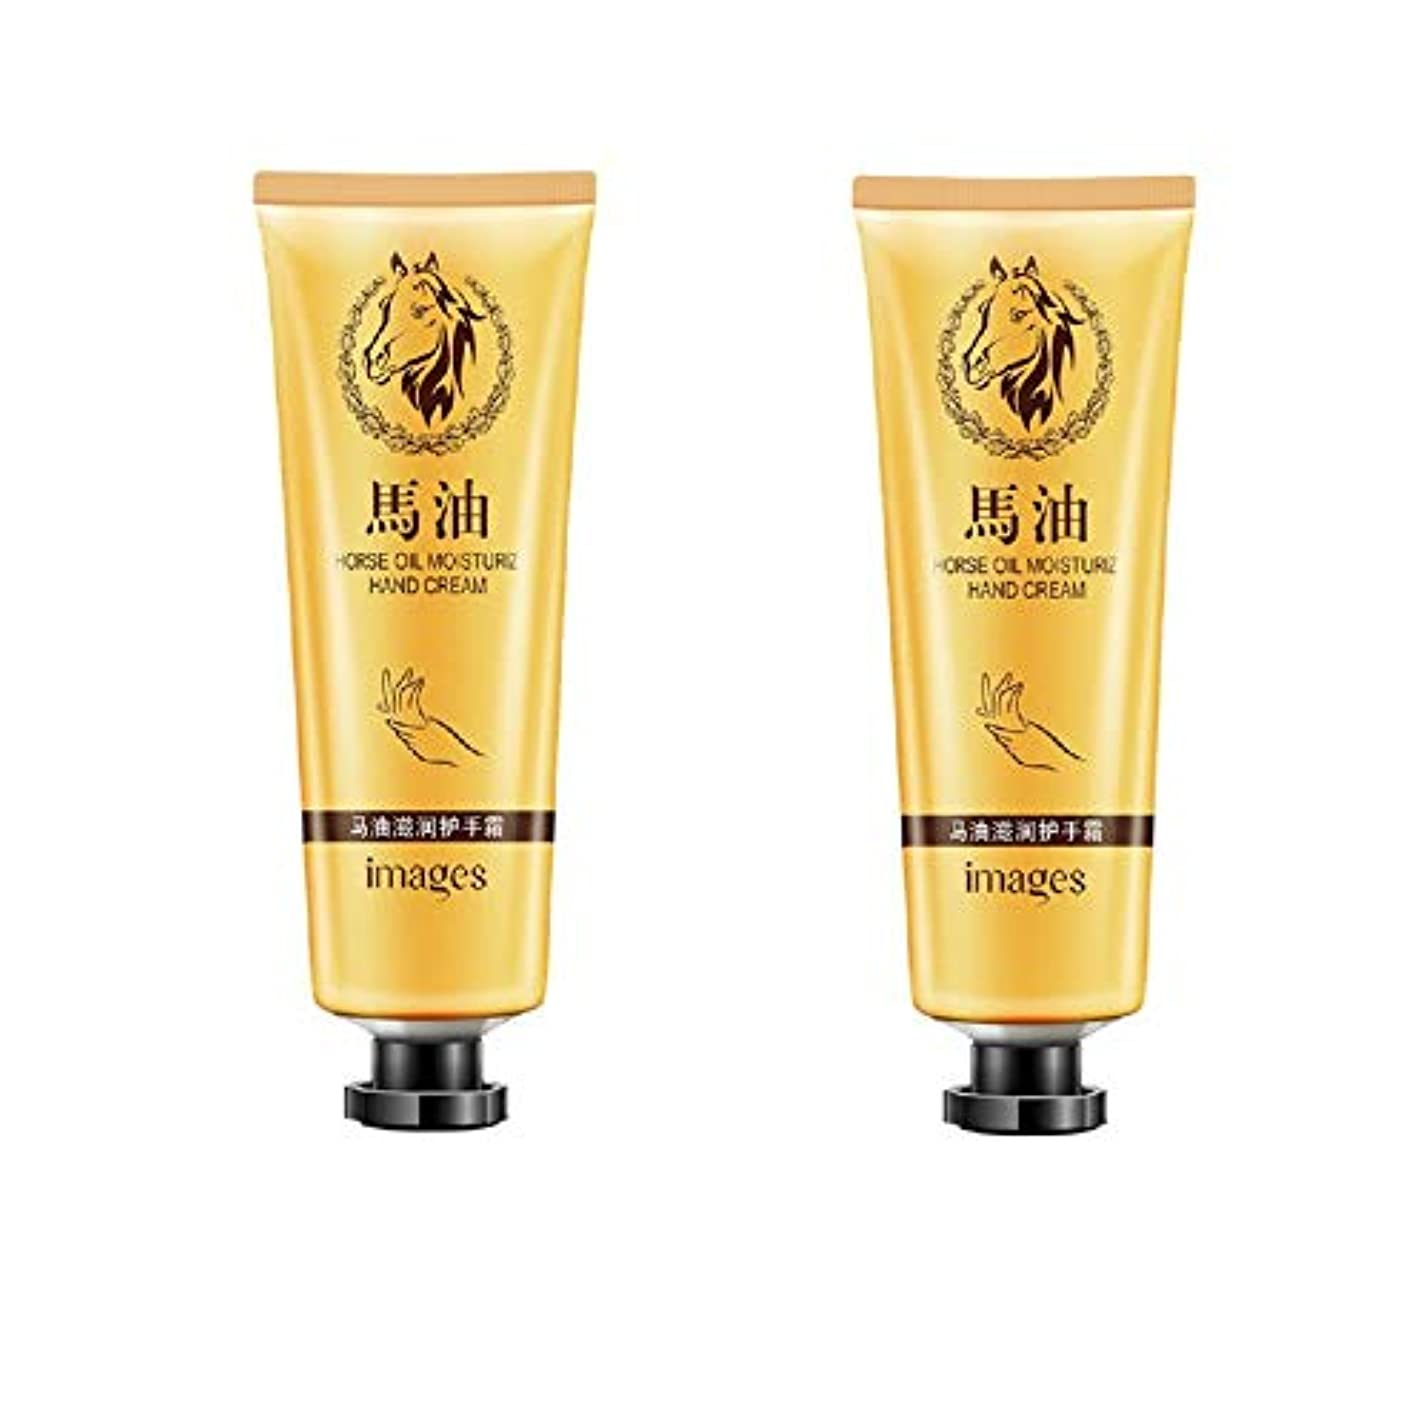 キャンペーン振り返るミルRuier-tong 馬油ハンドクリーム お得2本セット インテンスリペア ハンドクリーム &ボディローション 皮膚があかぎれ防止 ハンドクリーム 手肌用保湿 濃厚な保湿力 低刺激 超乾燥肌用 30g